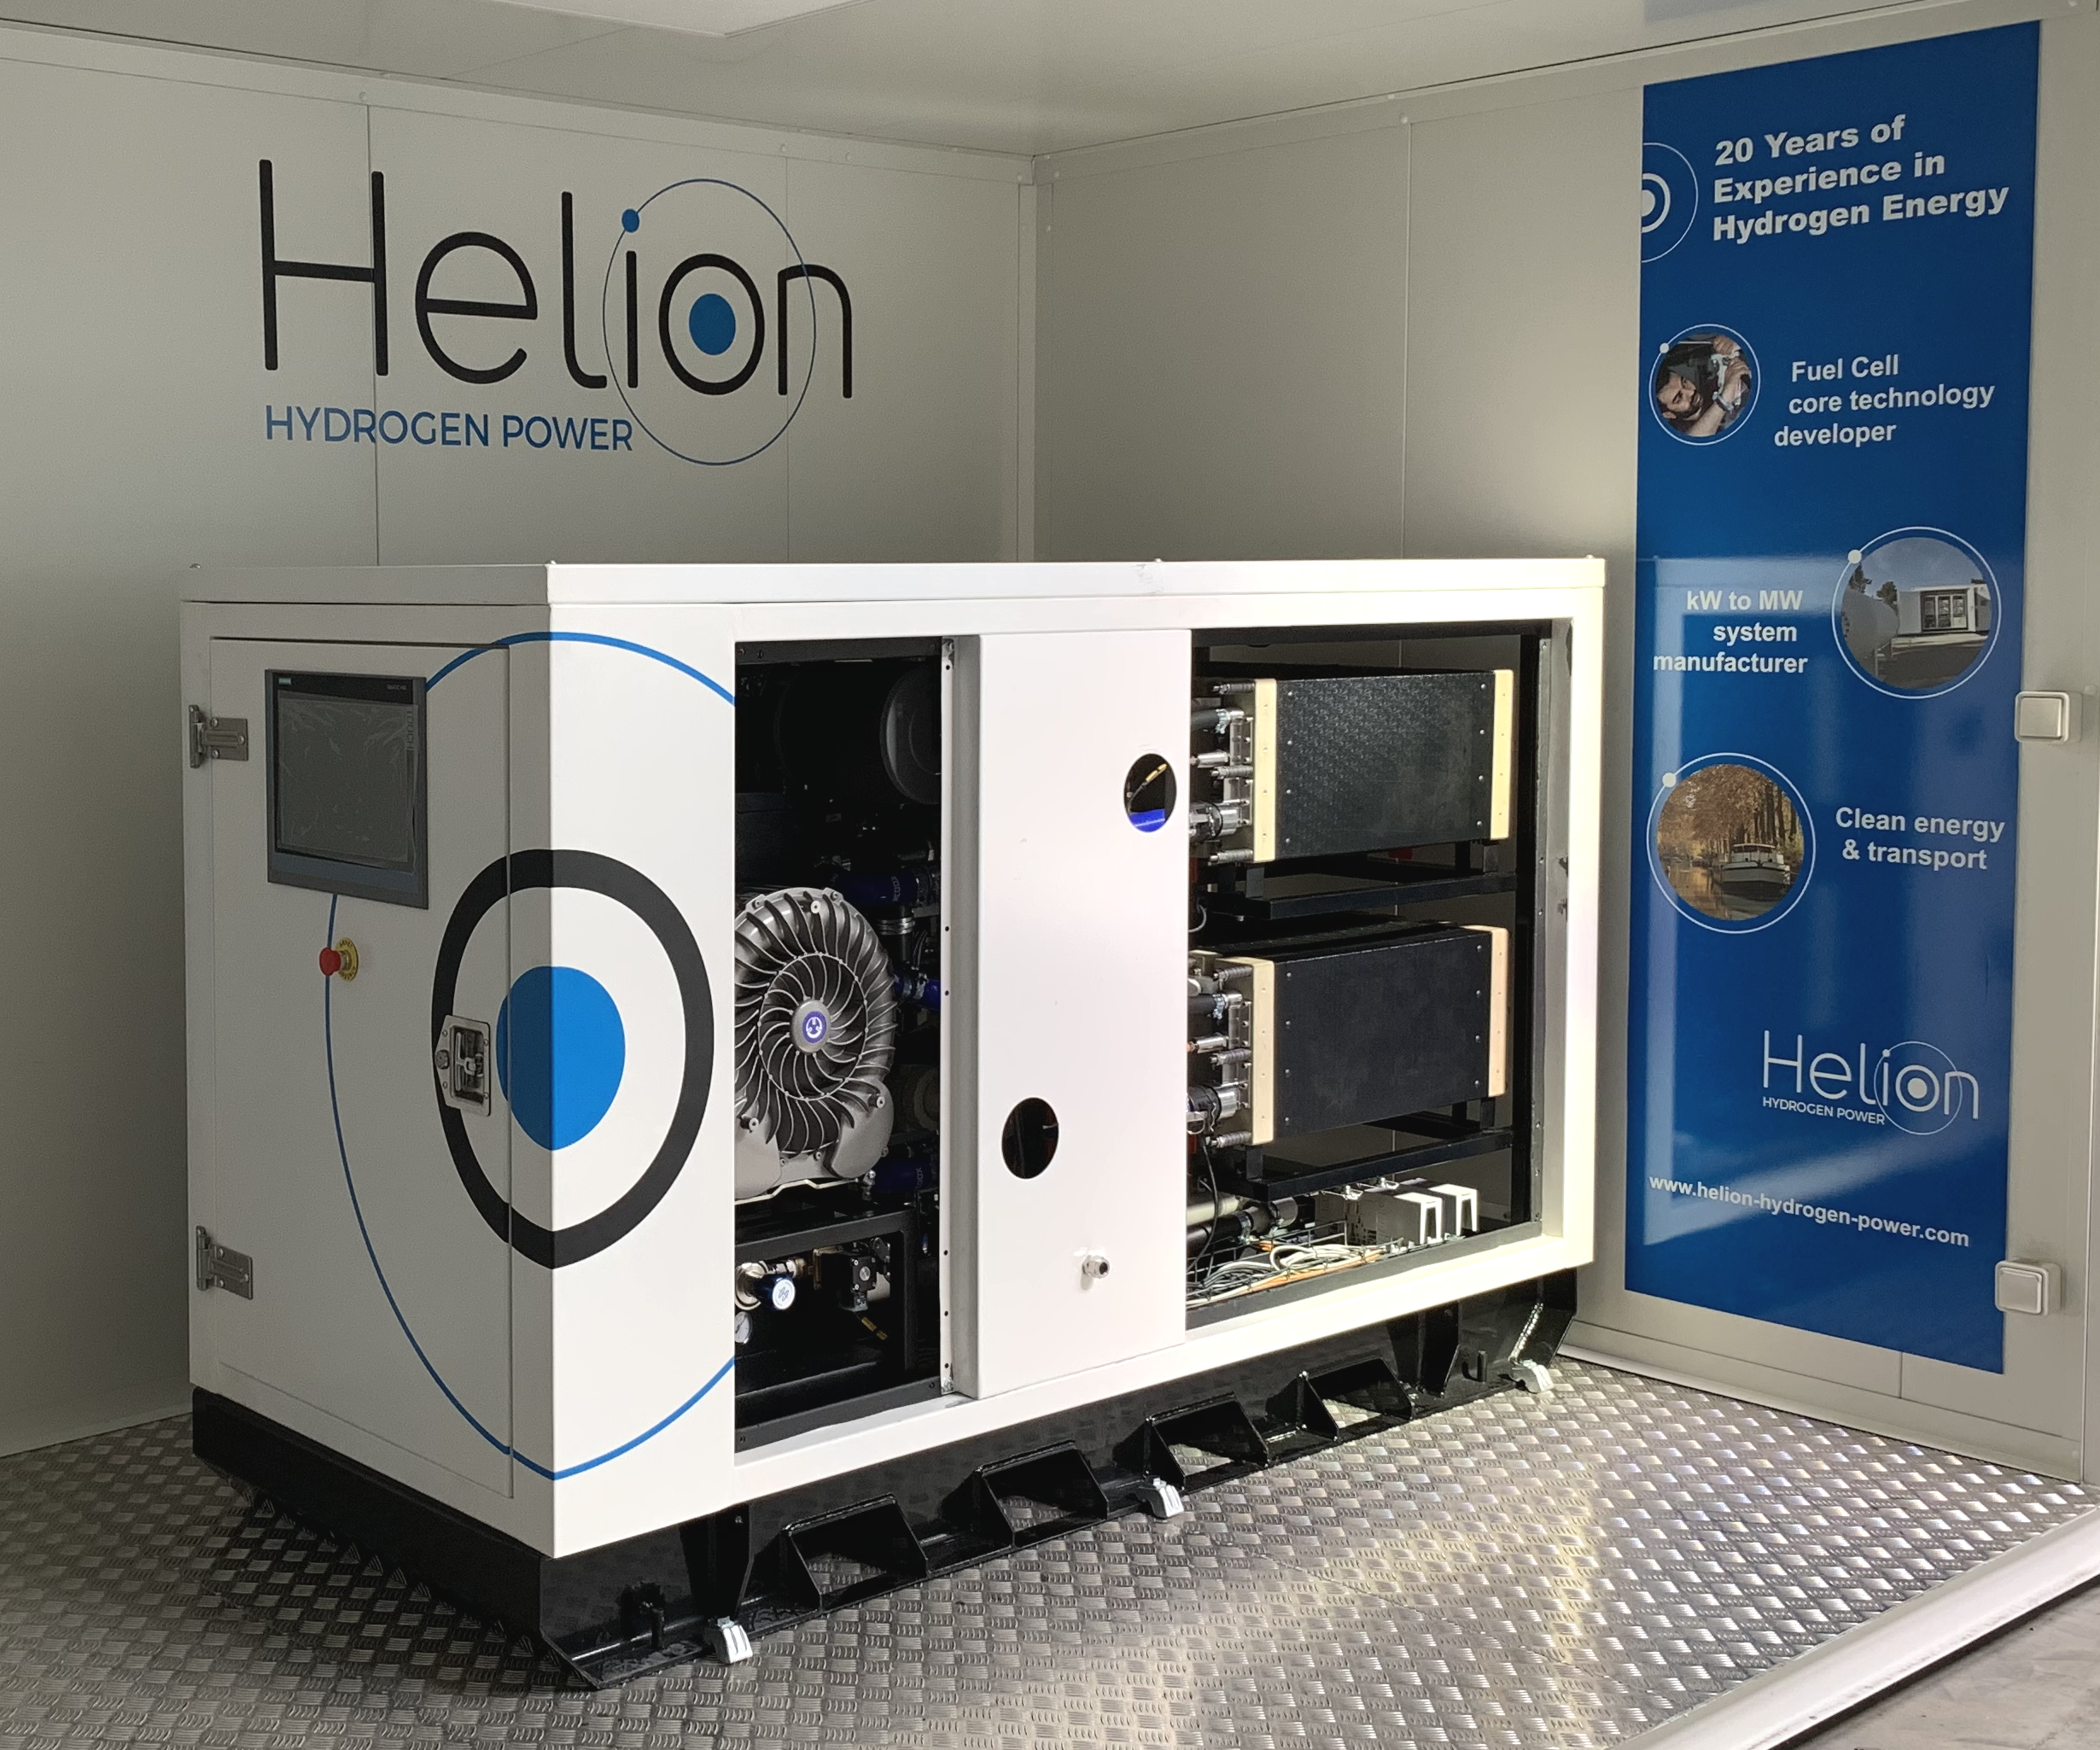 L'industriel Alstom vient d'annoncer l'achat d'Helion Hydrogen Power, une filiale à 100 % d'Areva énergies renouvelables